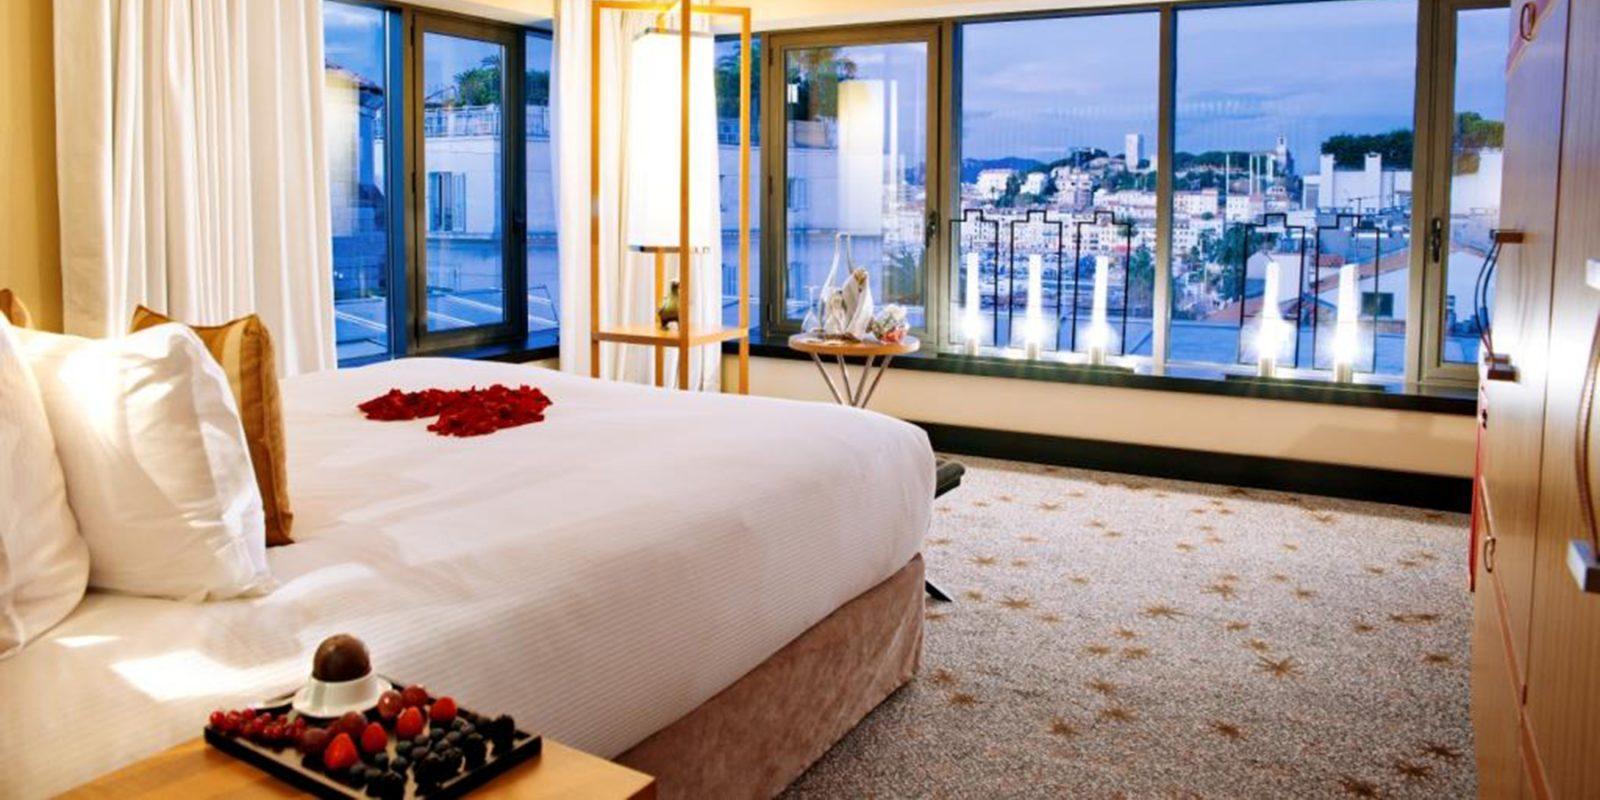 Hotel-anjou.com